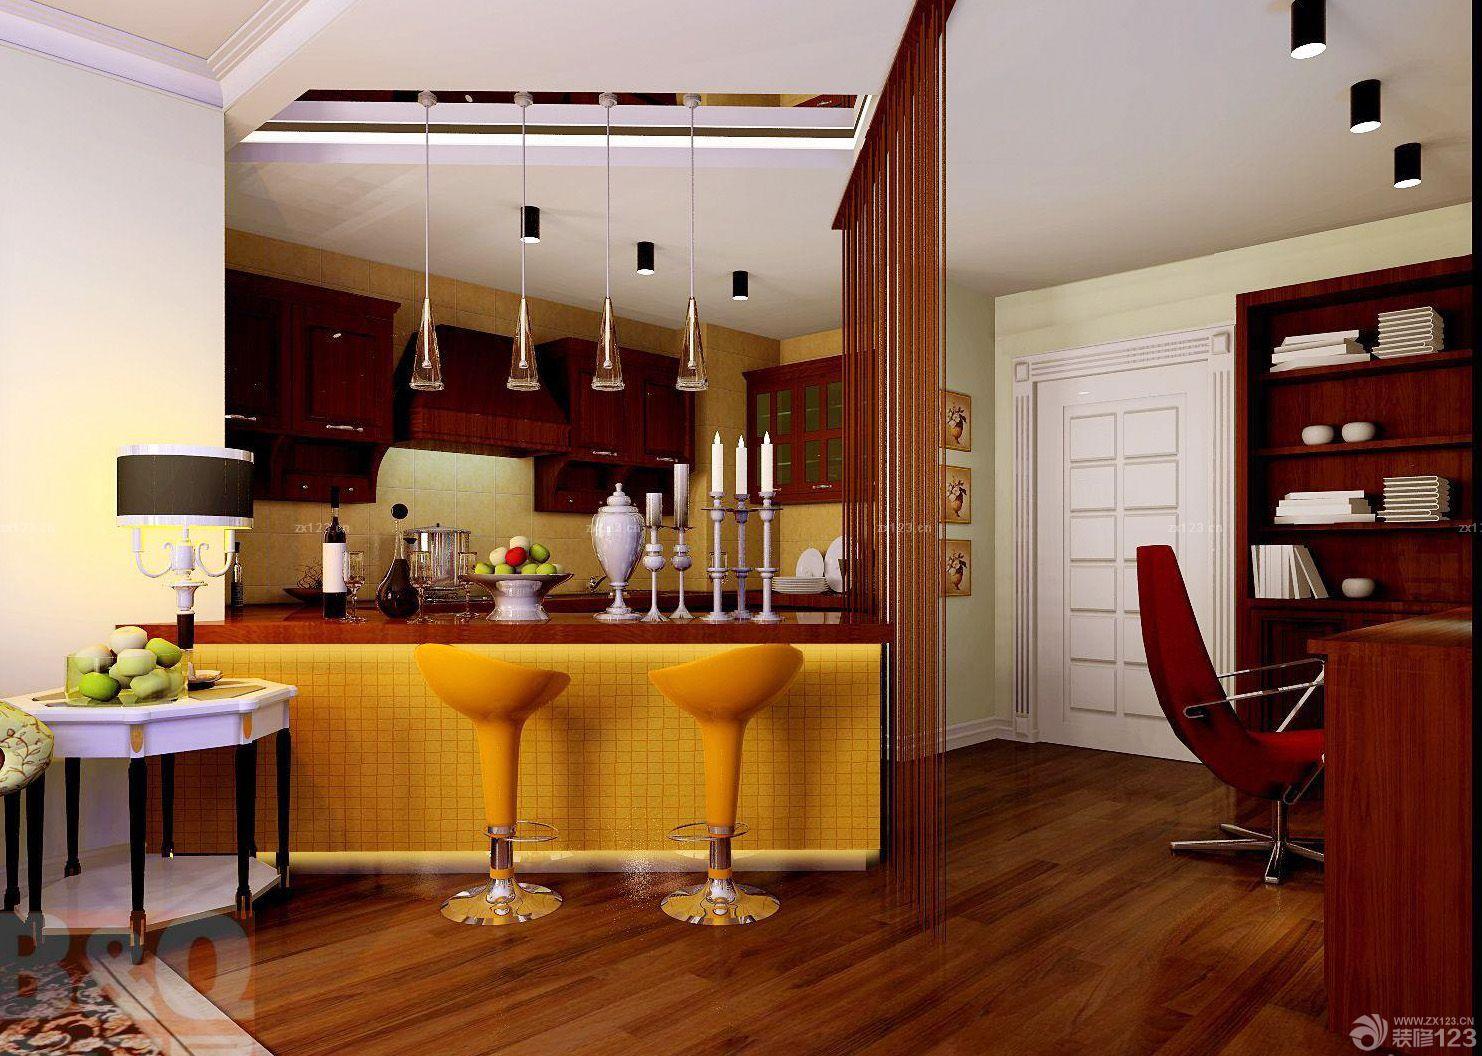 复古欧式风格厨房设计图样板